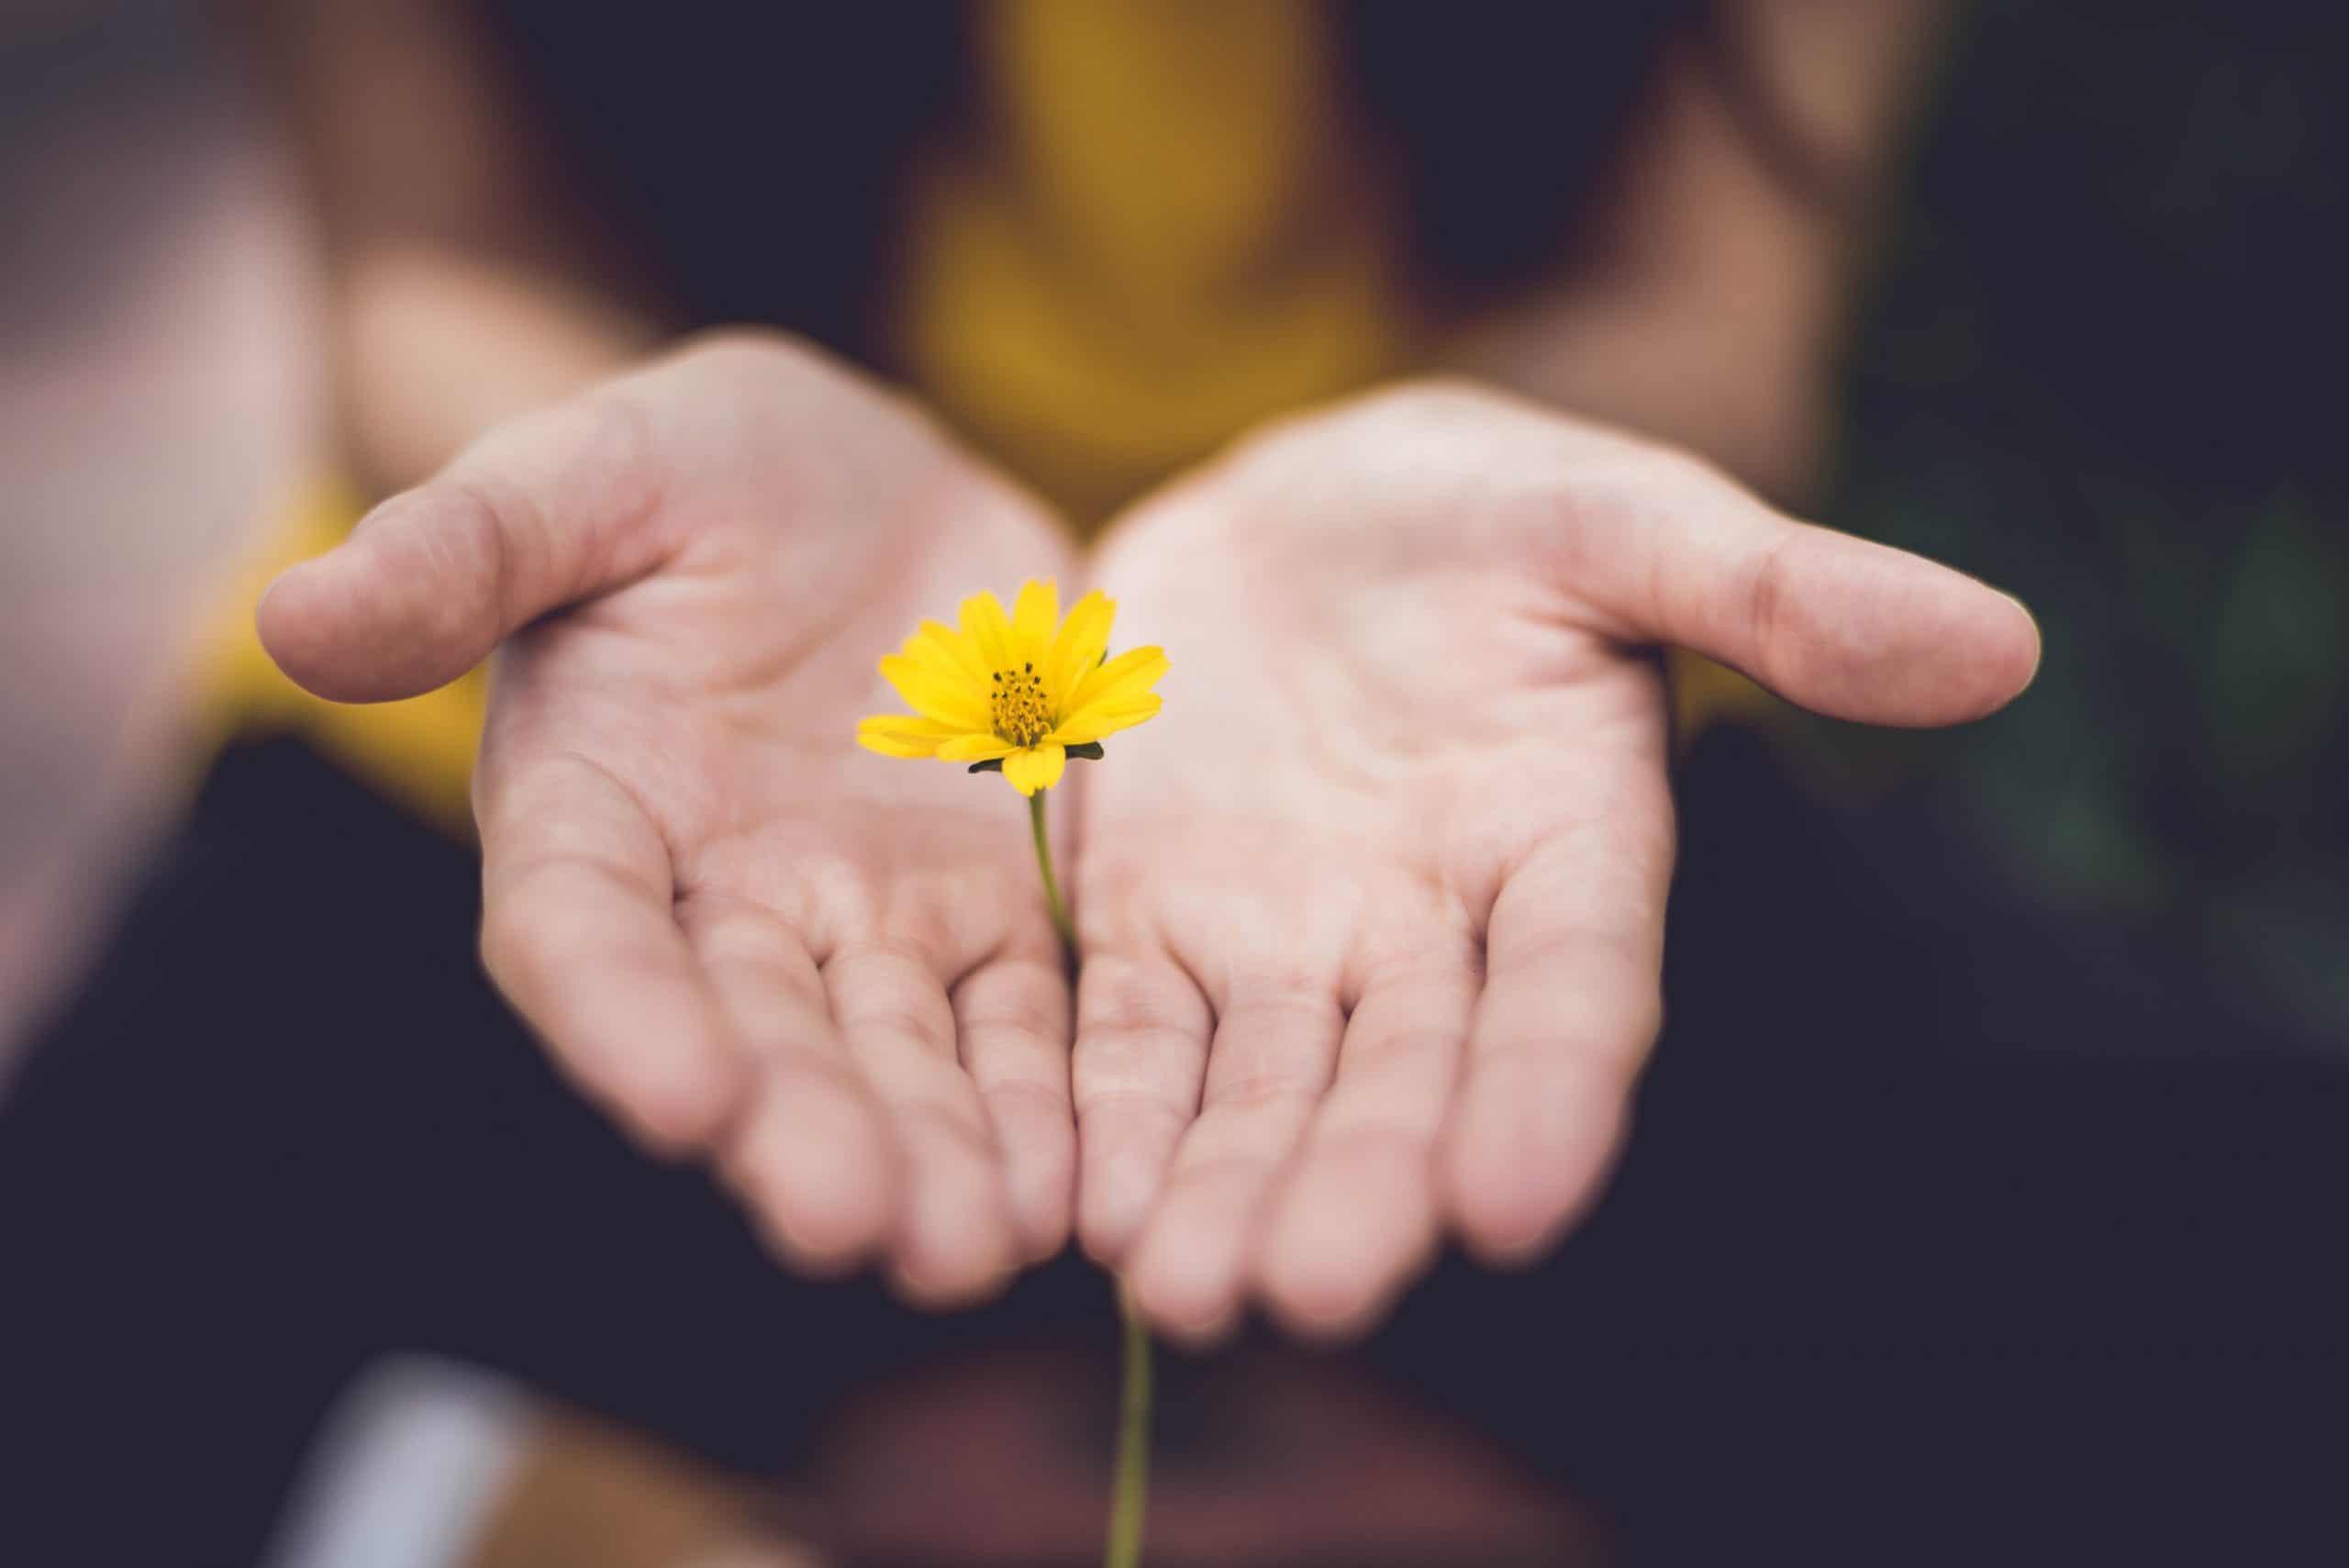 Mãos juntas segurando flor dente-de-leão